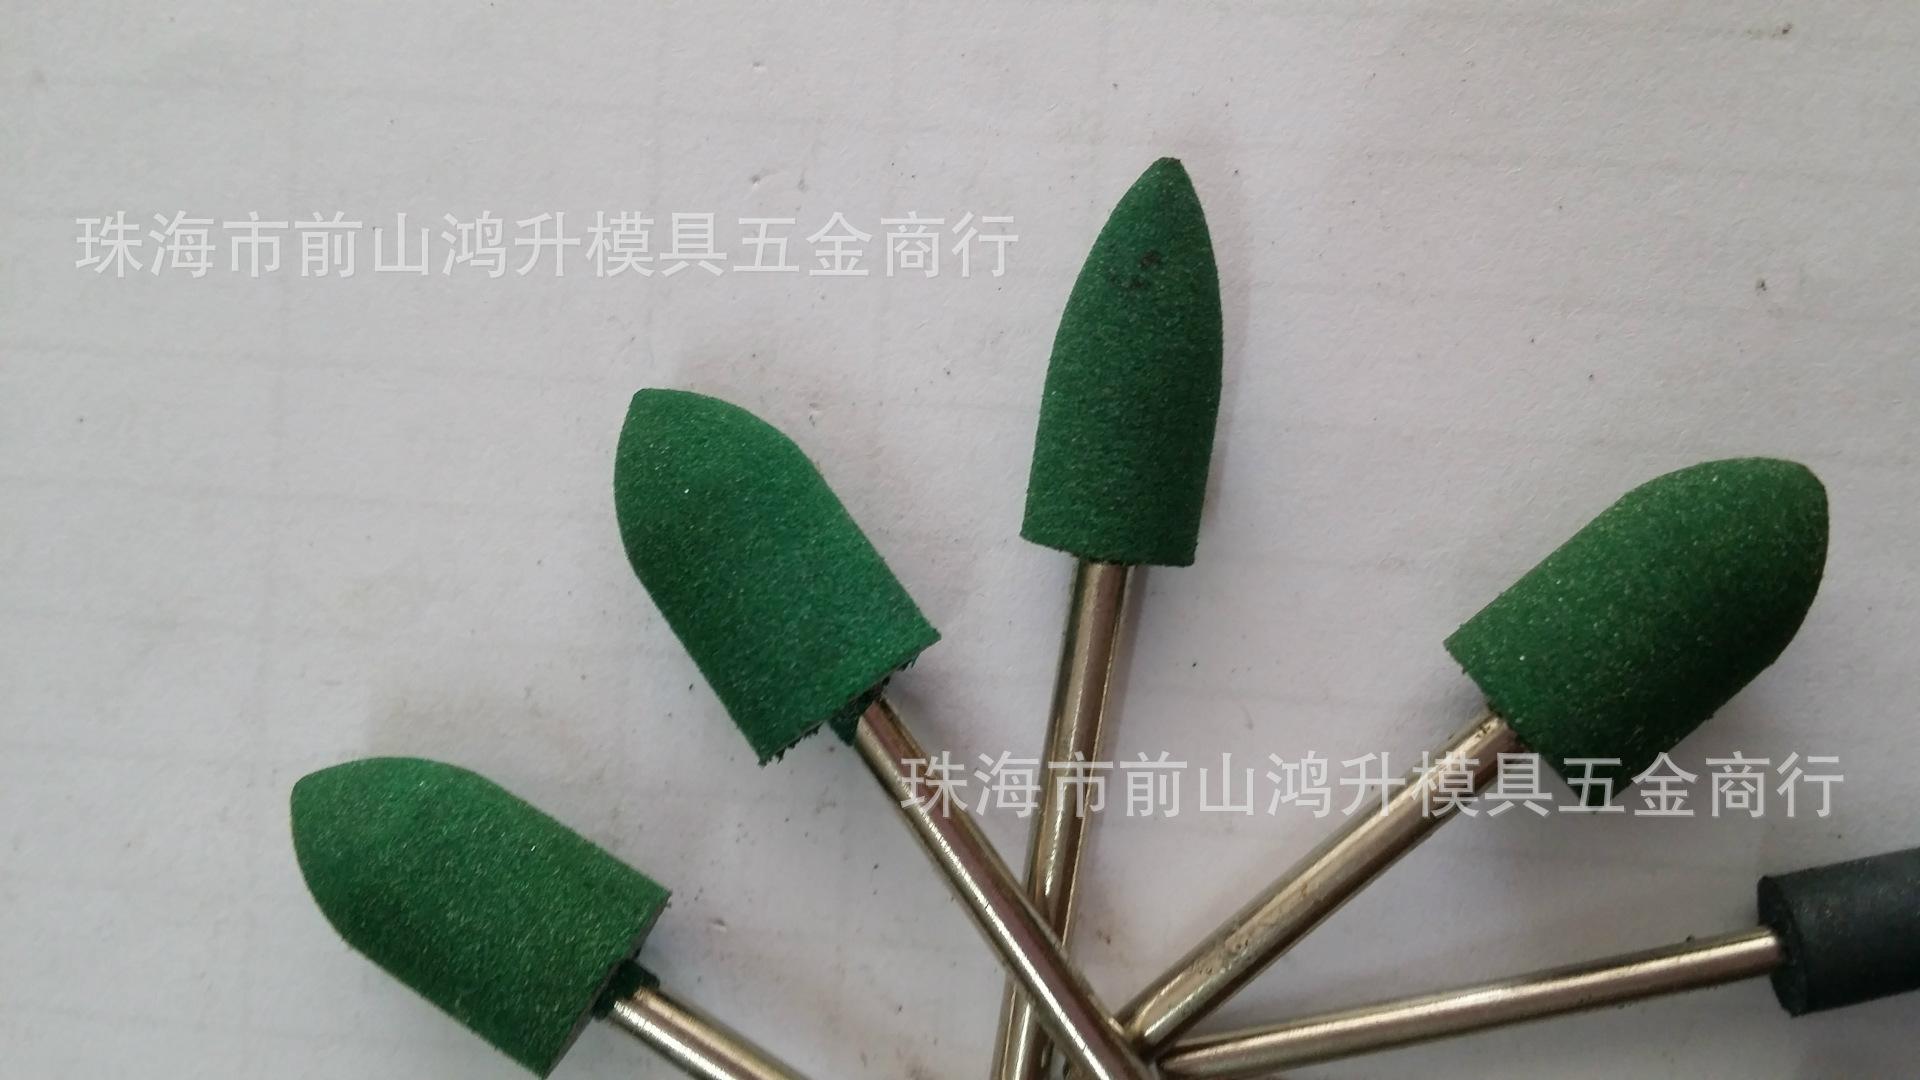 大量供应橡胶磨头 形状任选 欢迎来电订购